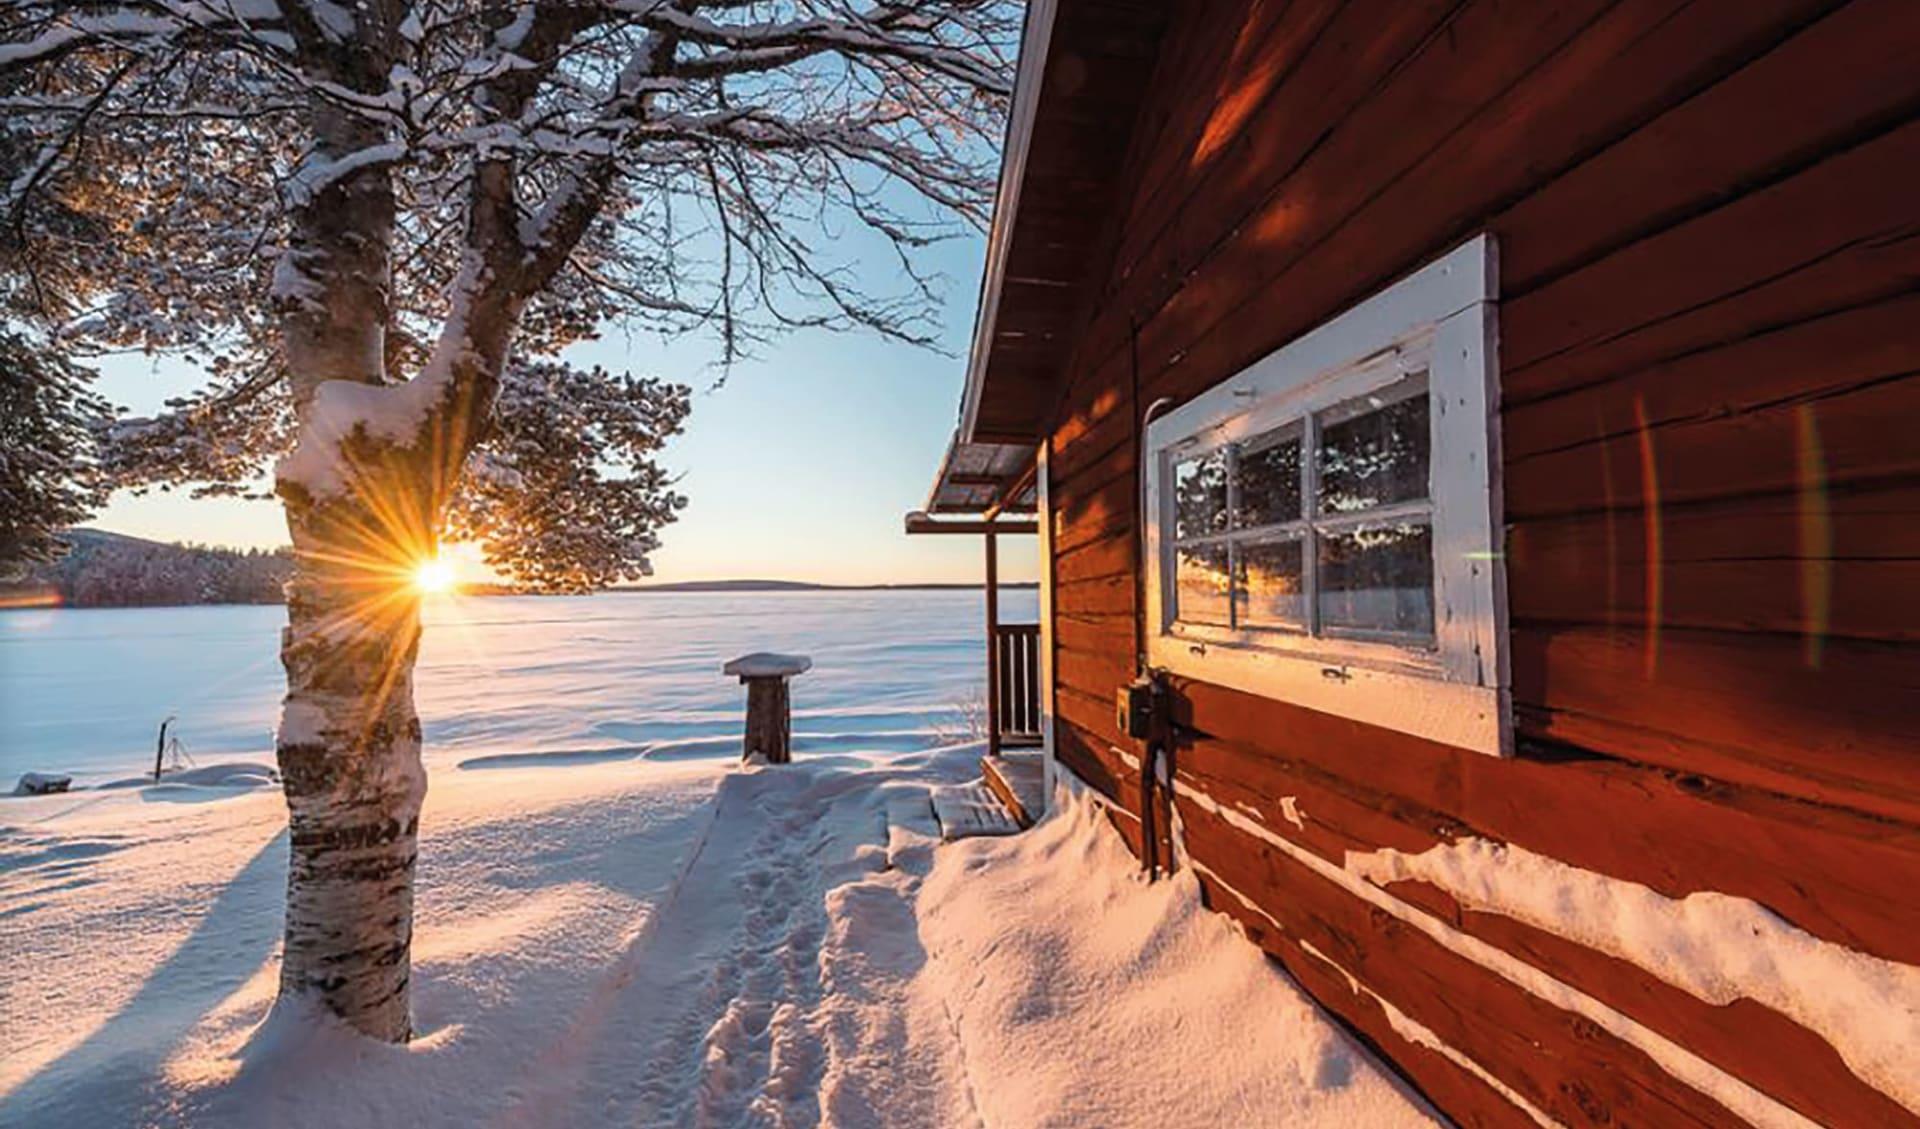 Sandsjögården - die letzte Wildnis Europas ab Luleå: Sandsjögården